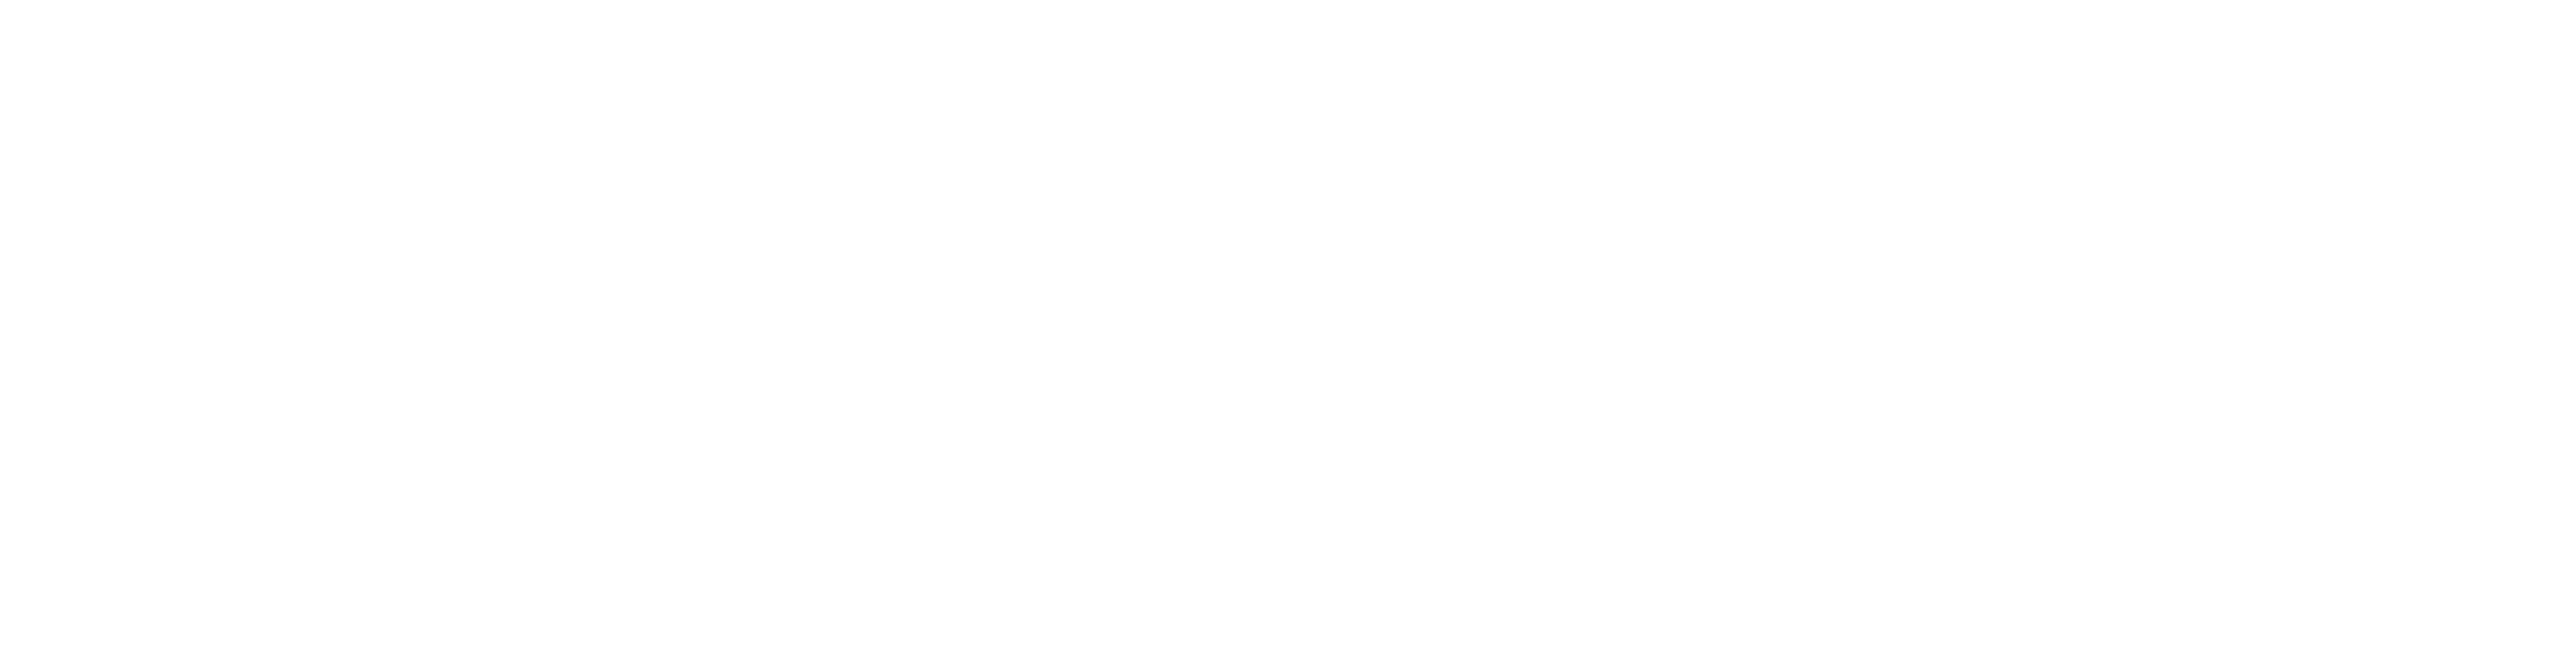 Super73, Electric motor bike, Electric bike, Super 73 dealer